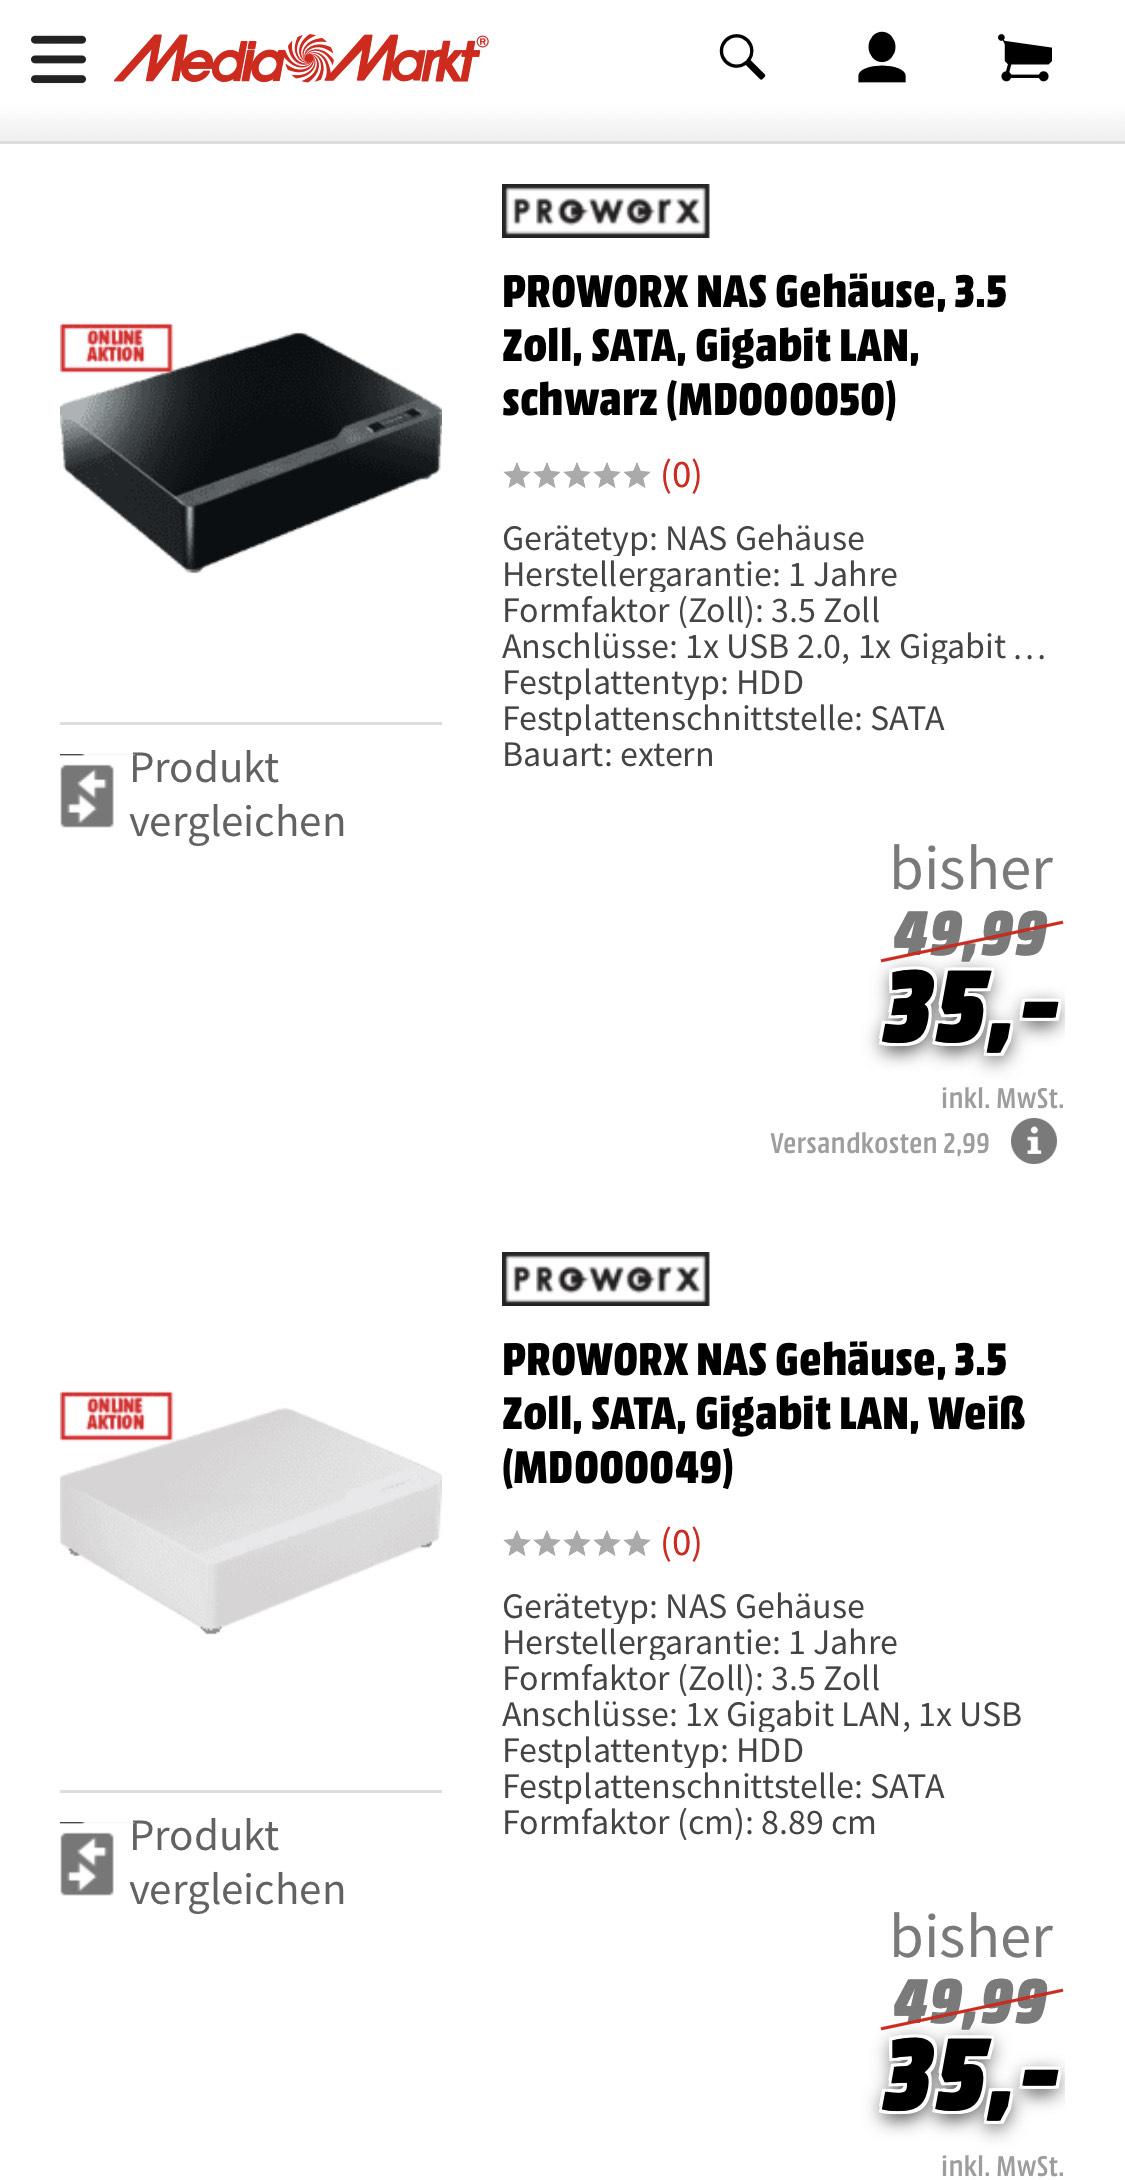 PROWORX NAS Gehäuse, 3.5 Zoll, SATA, Gigabit LAN, Weiß